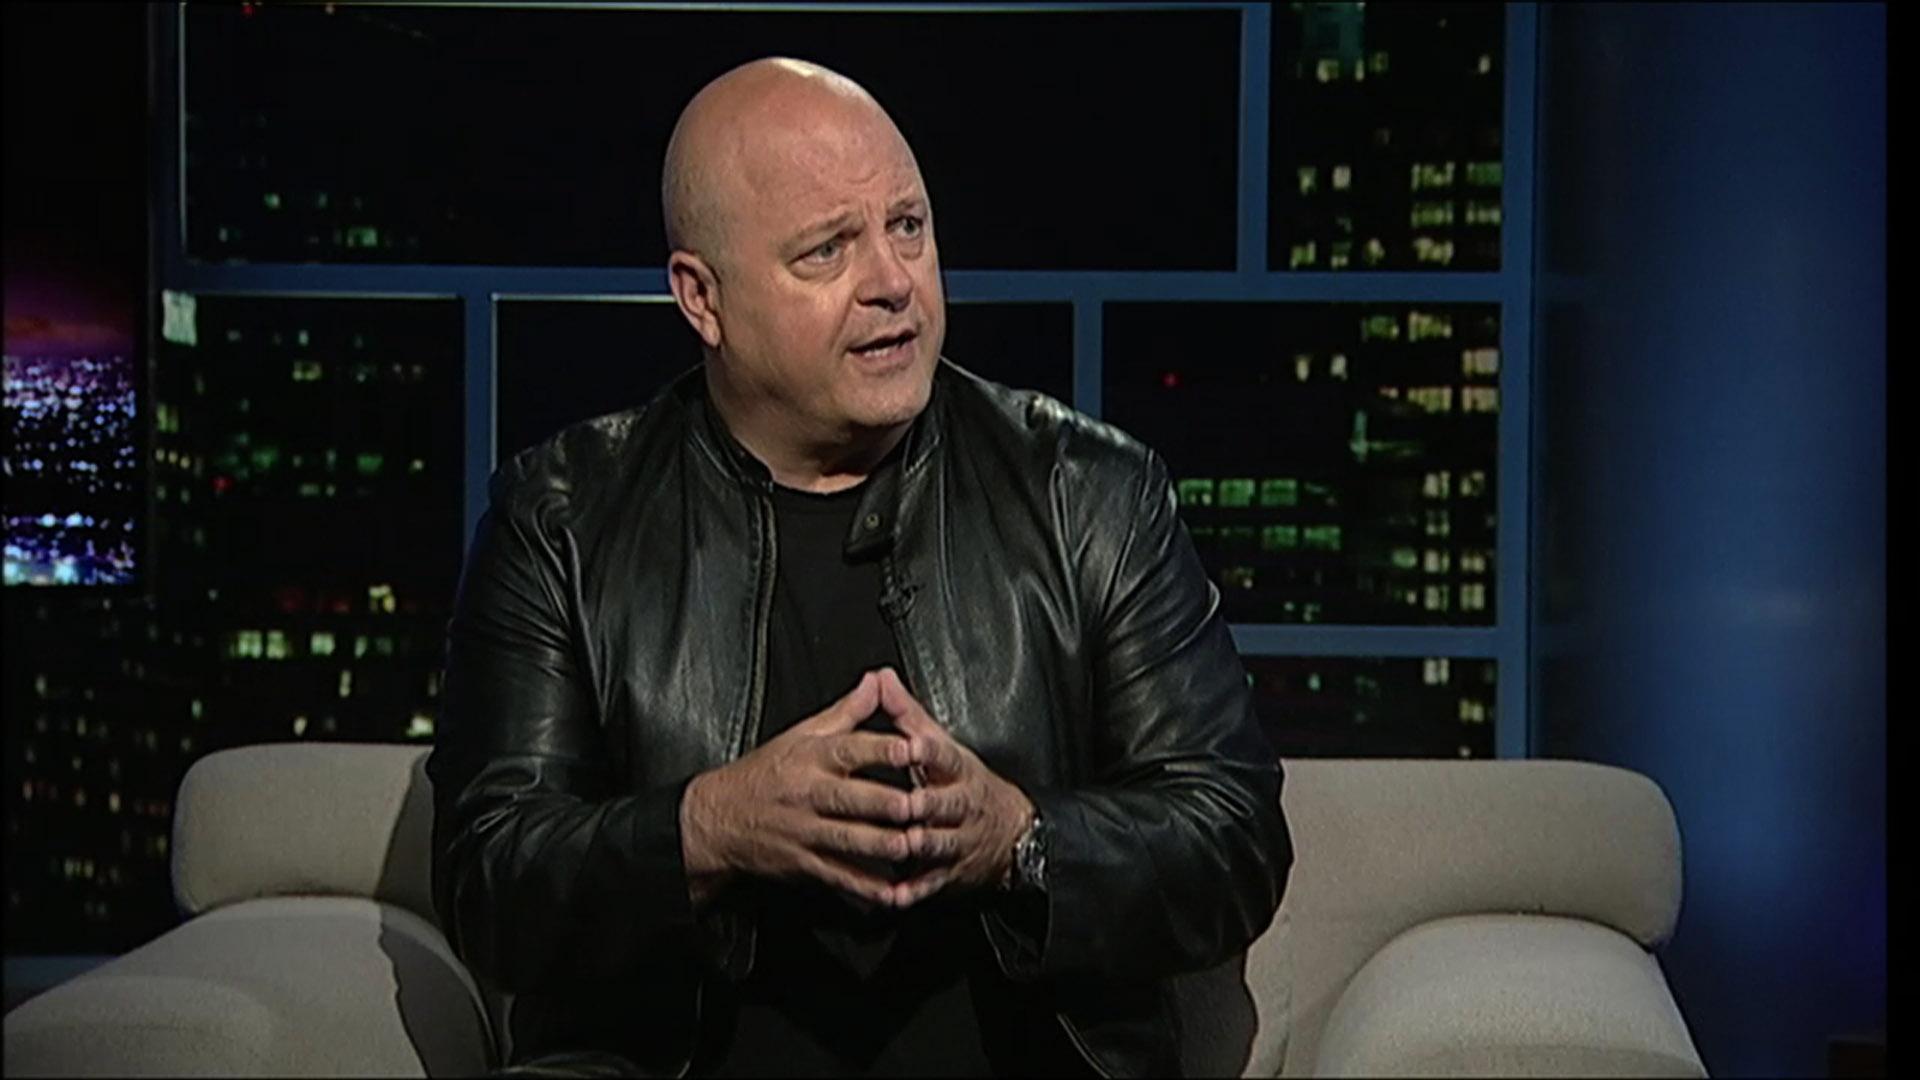 Actor Michael Chiklis image